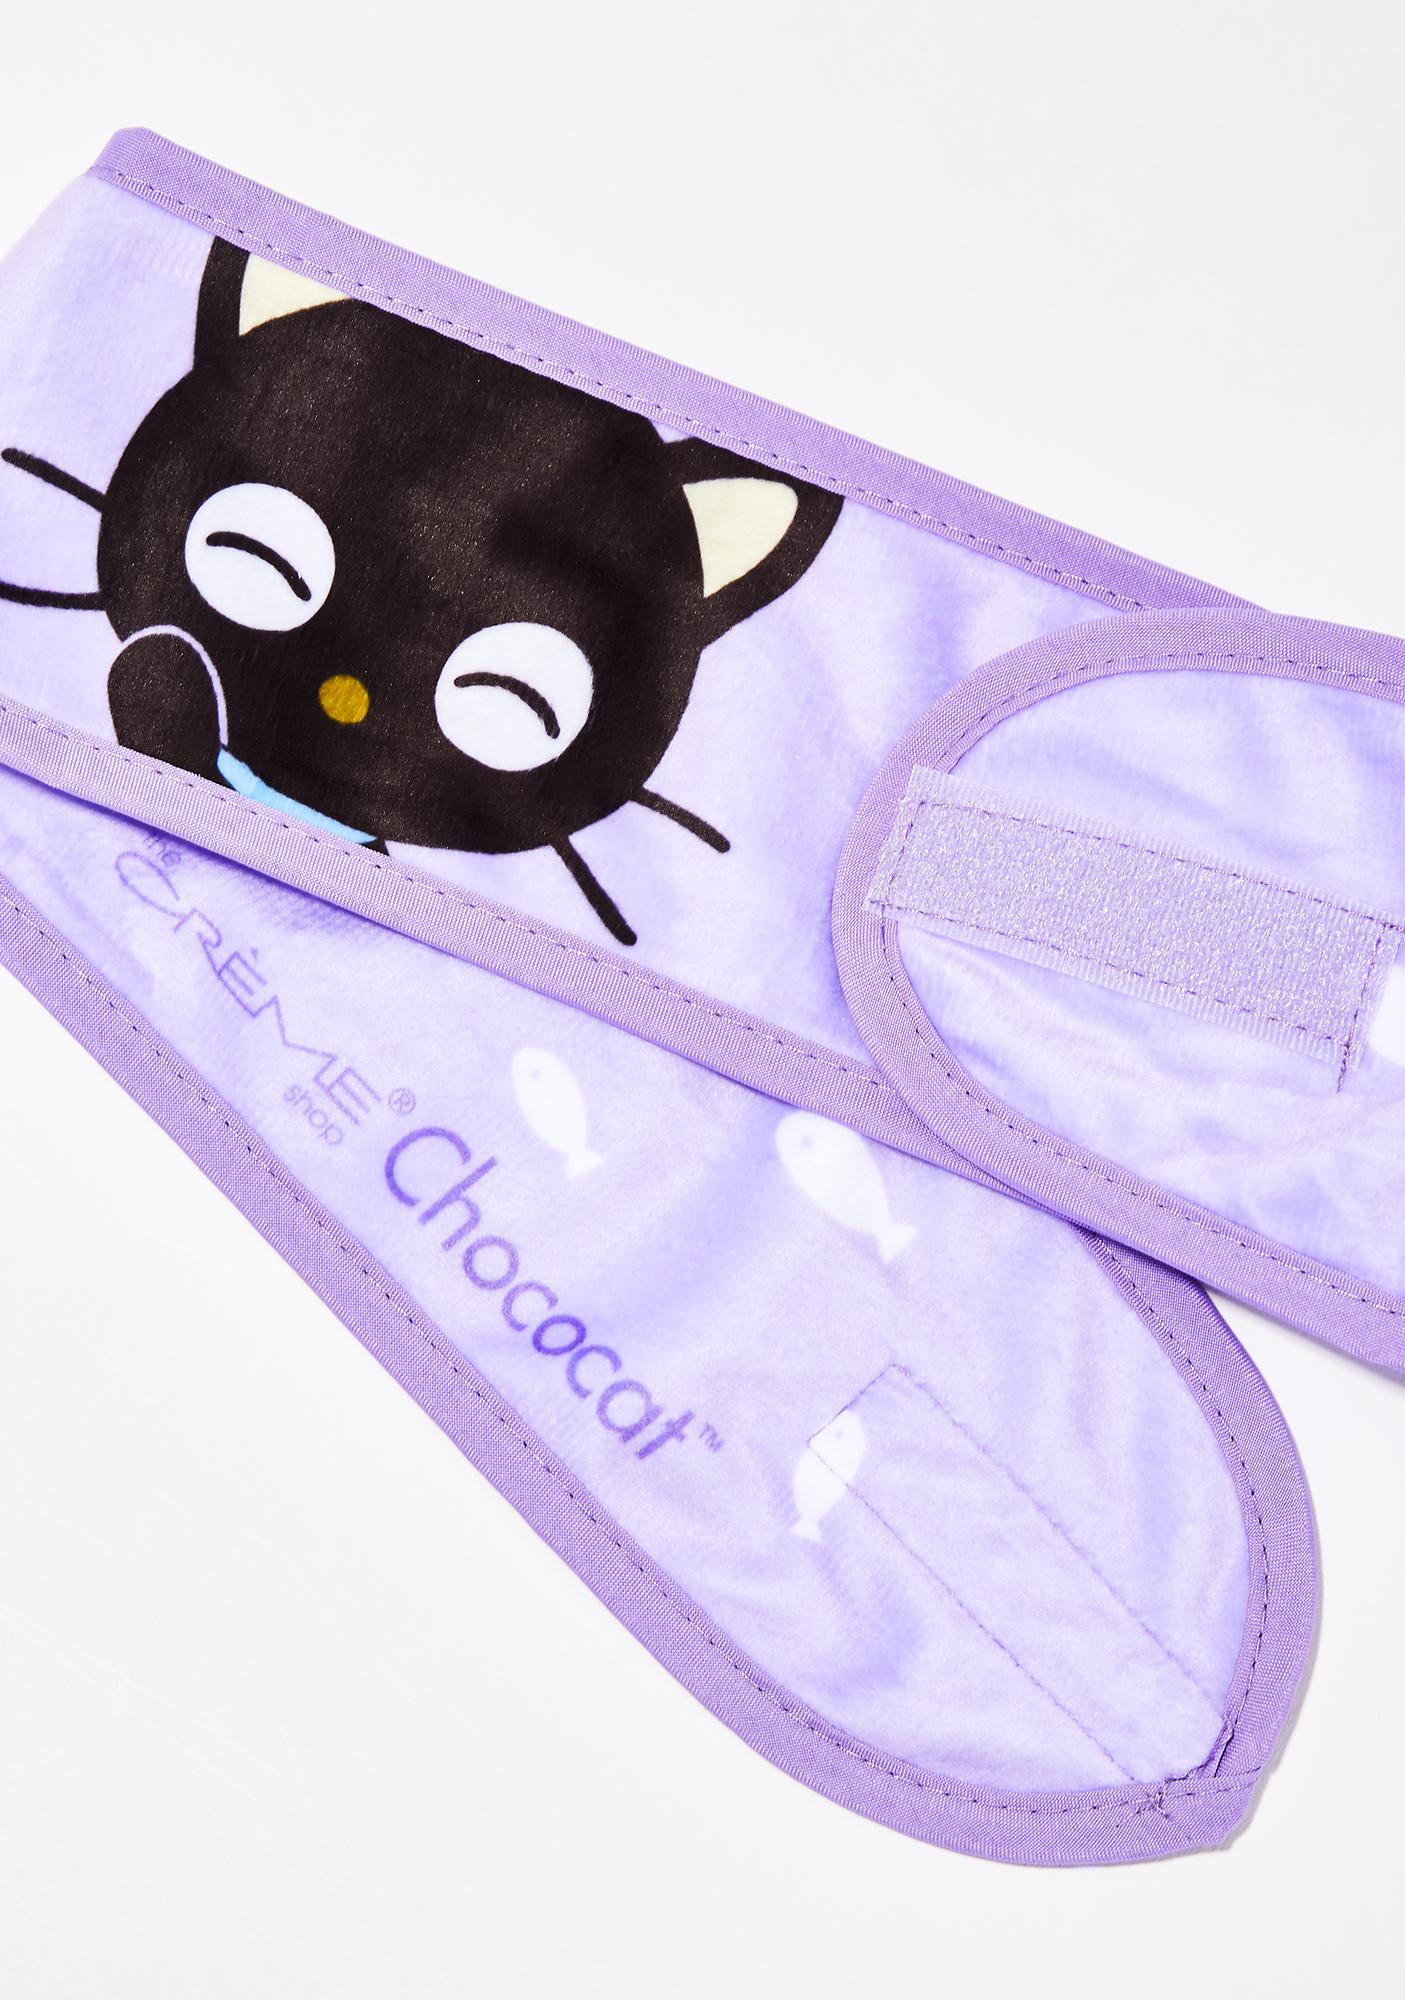 The Crème Shop Chococat Spa Headband